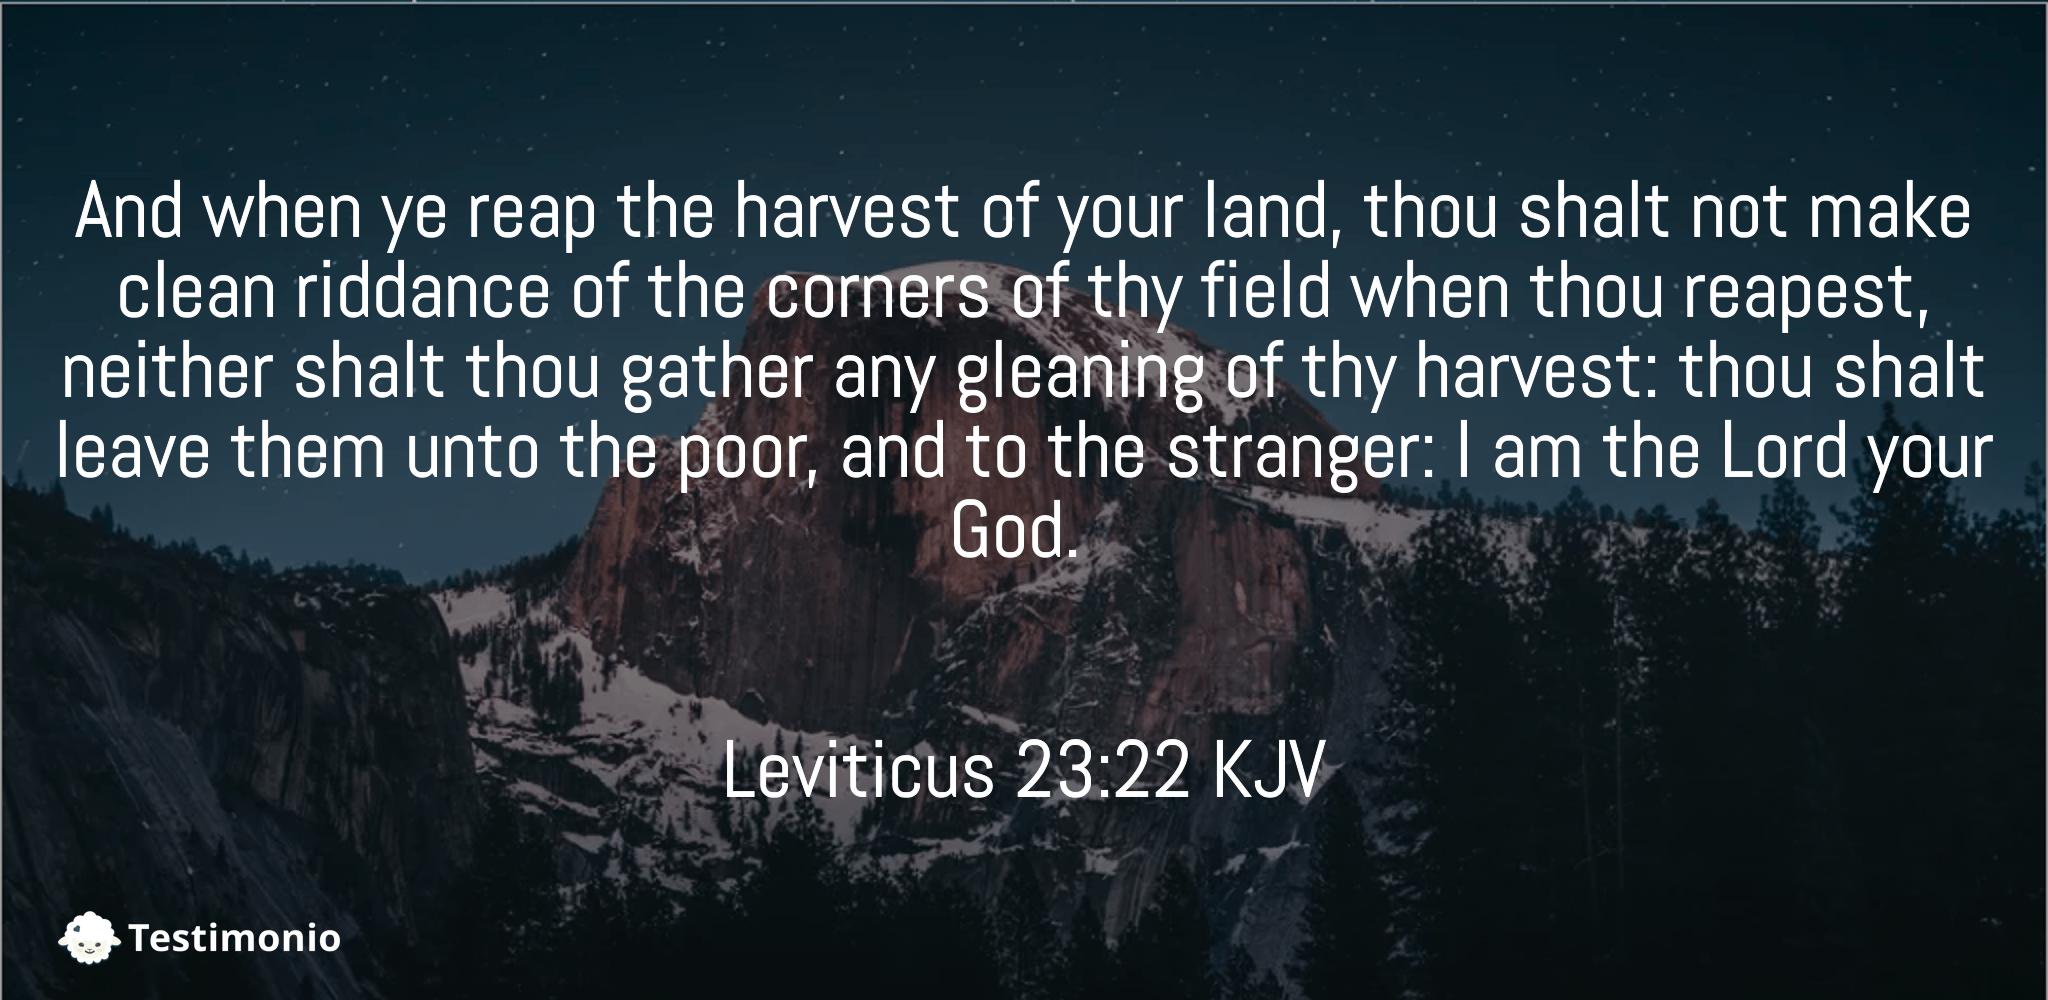 Leviticus 23:22